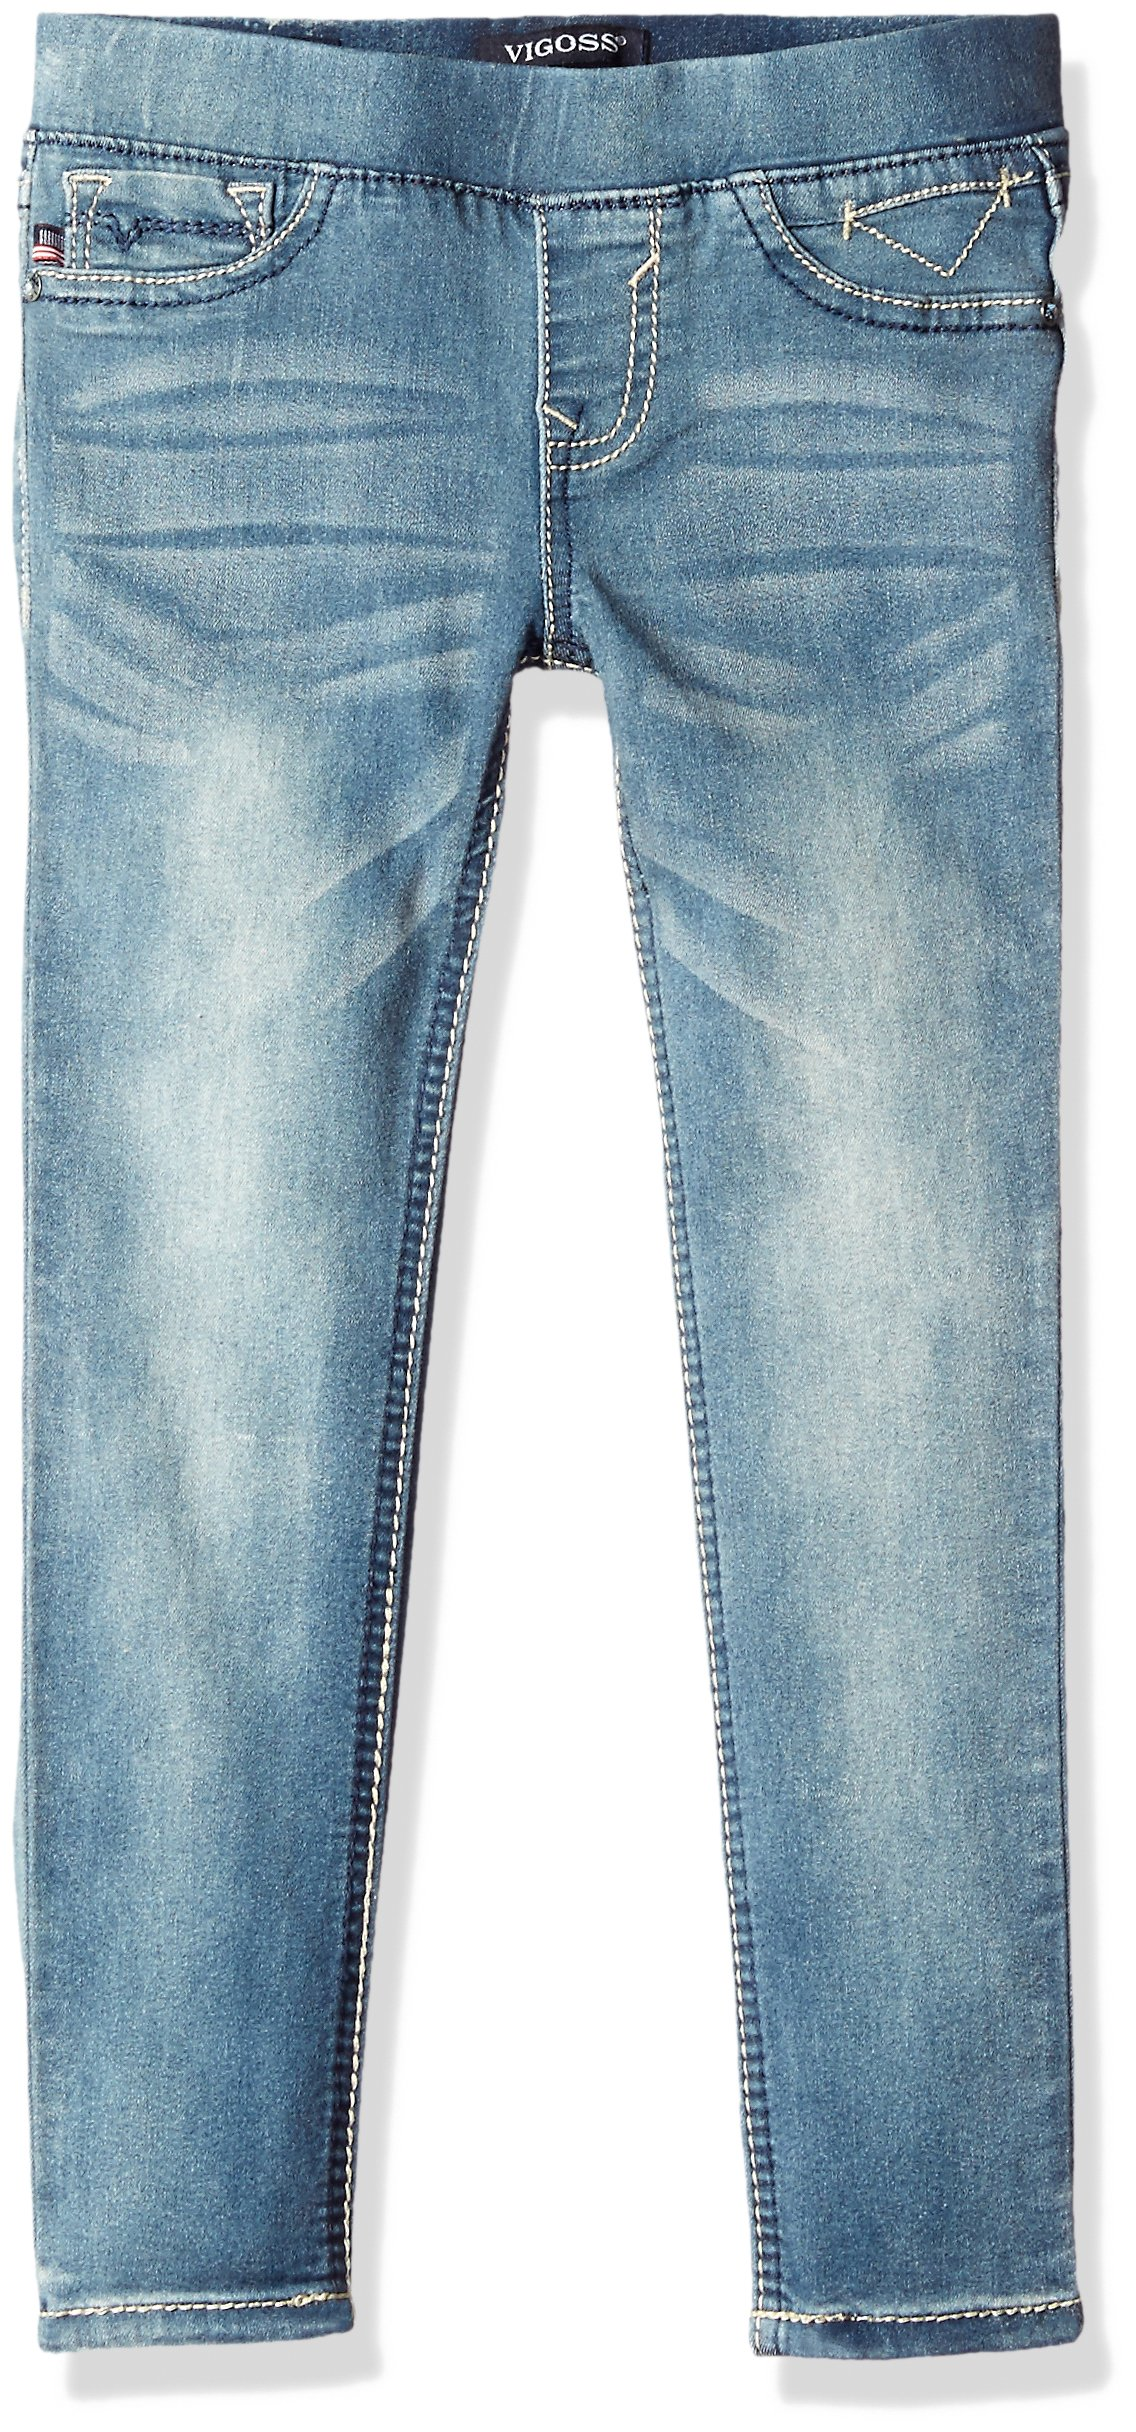 Vigoss Girls' Girls' 5 Pocket Classic Pull on Skinny Jean, Memory, 12 by VIGOSS